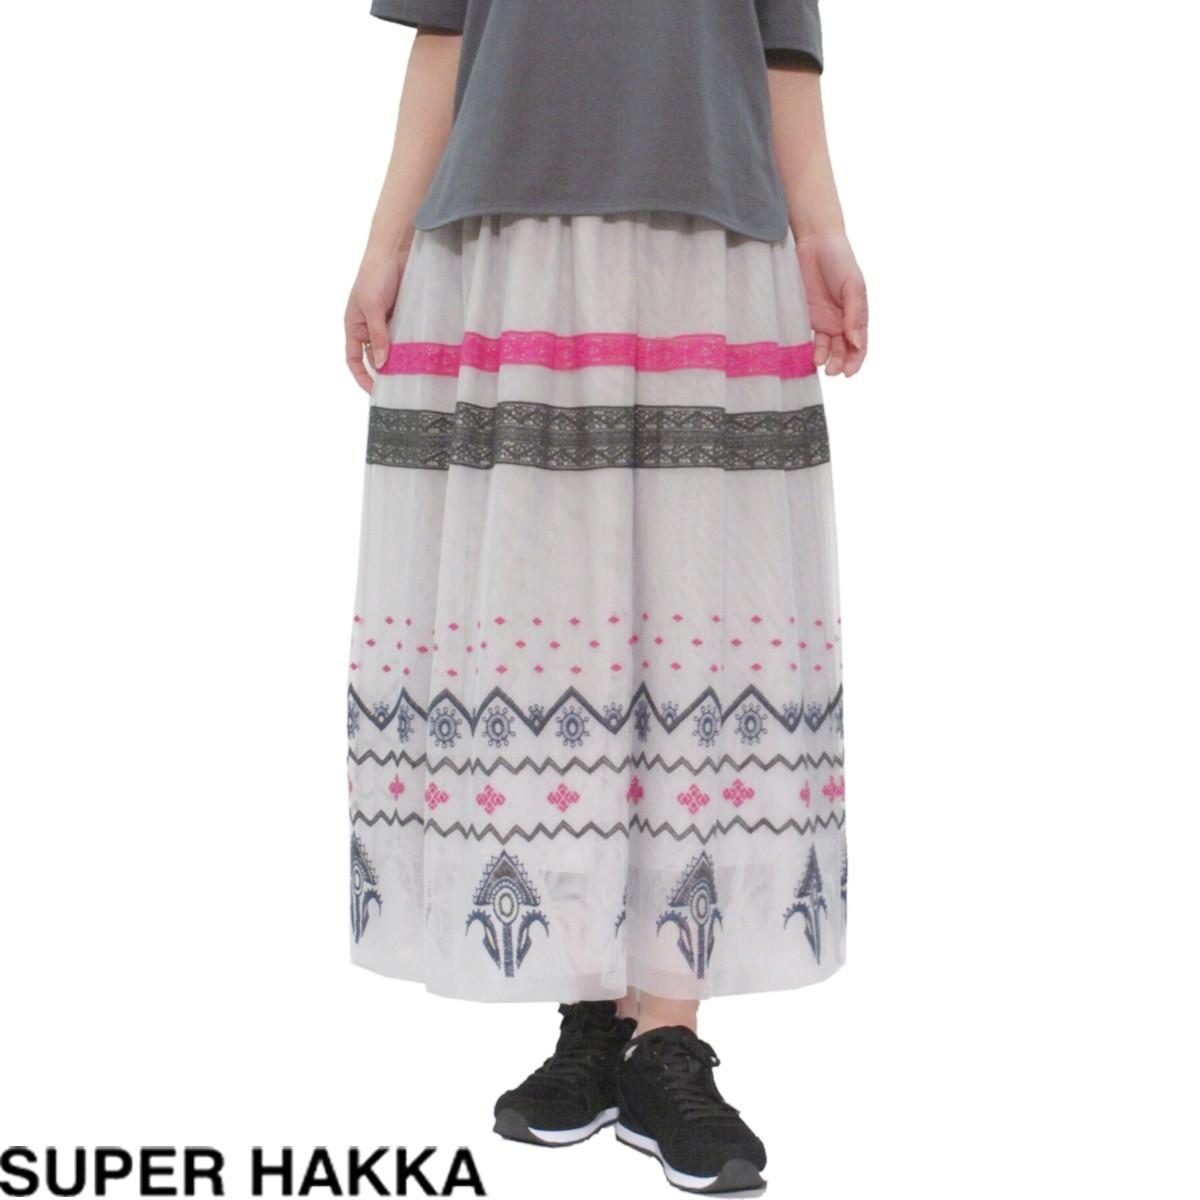 SUPER HAKKA(スーパーハッカ) アフリカン刺しゅうチュールレースギャザースカート レディース ロング ライトグレー フリーサイズ 【送料無料】 【0824カード分割】